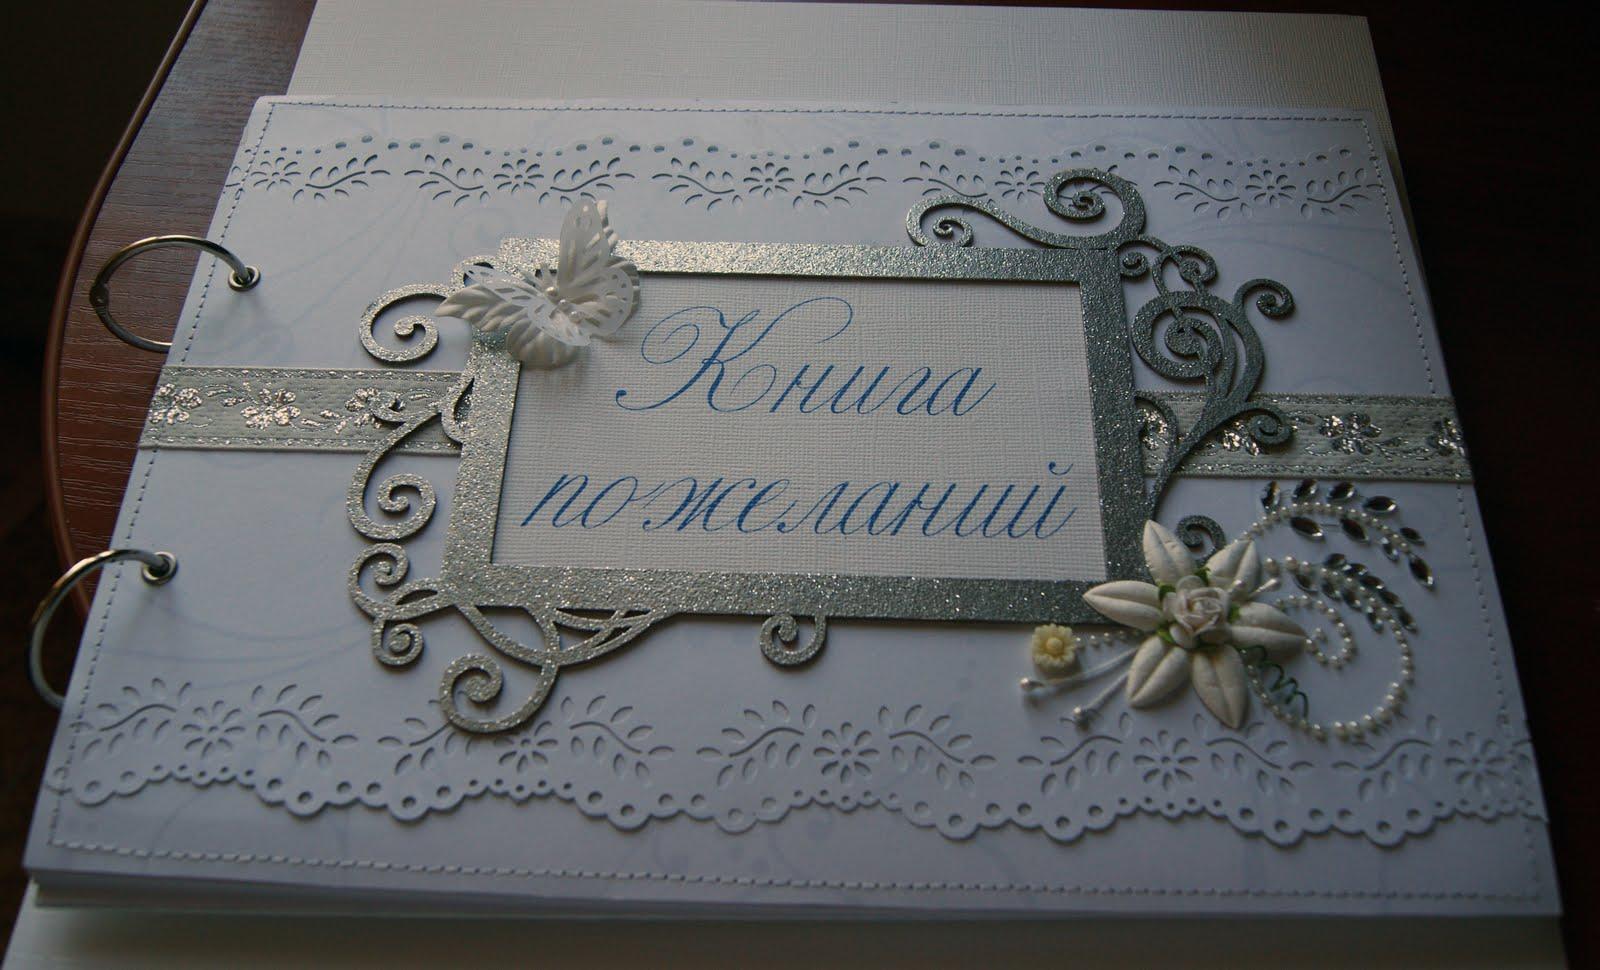 Как сделать самим книгу пожеланий на свадьбу своими руками